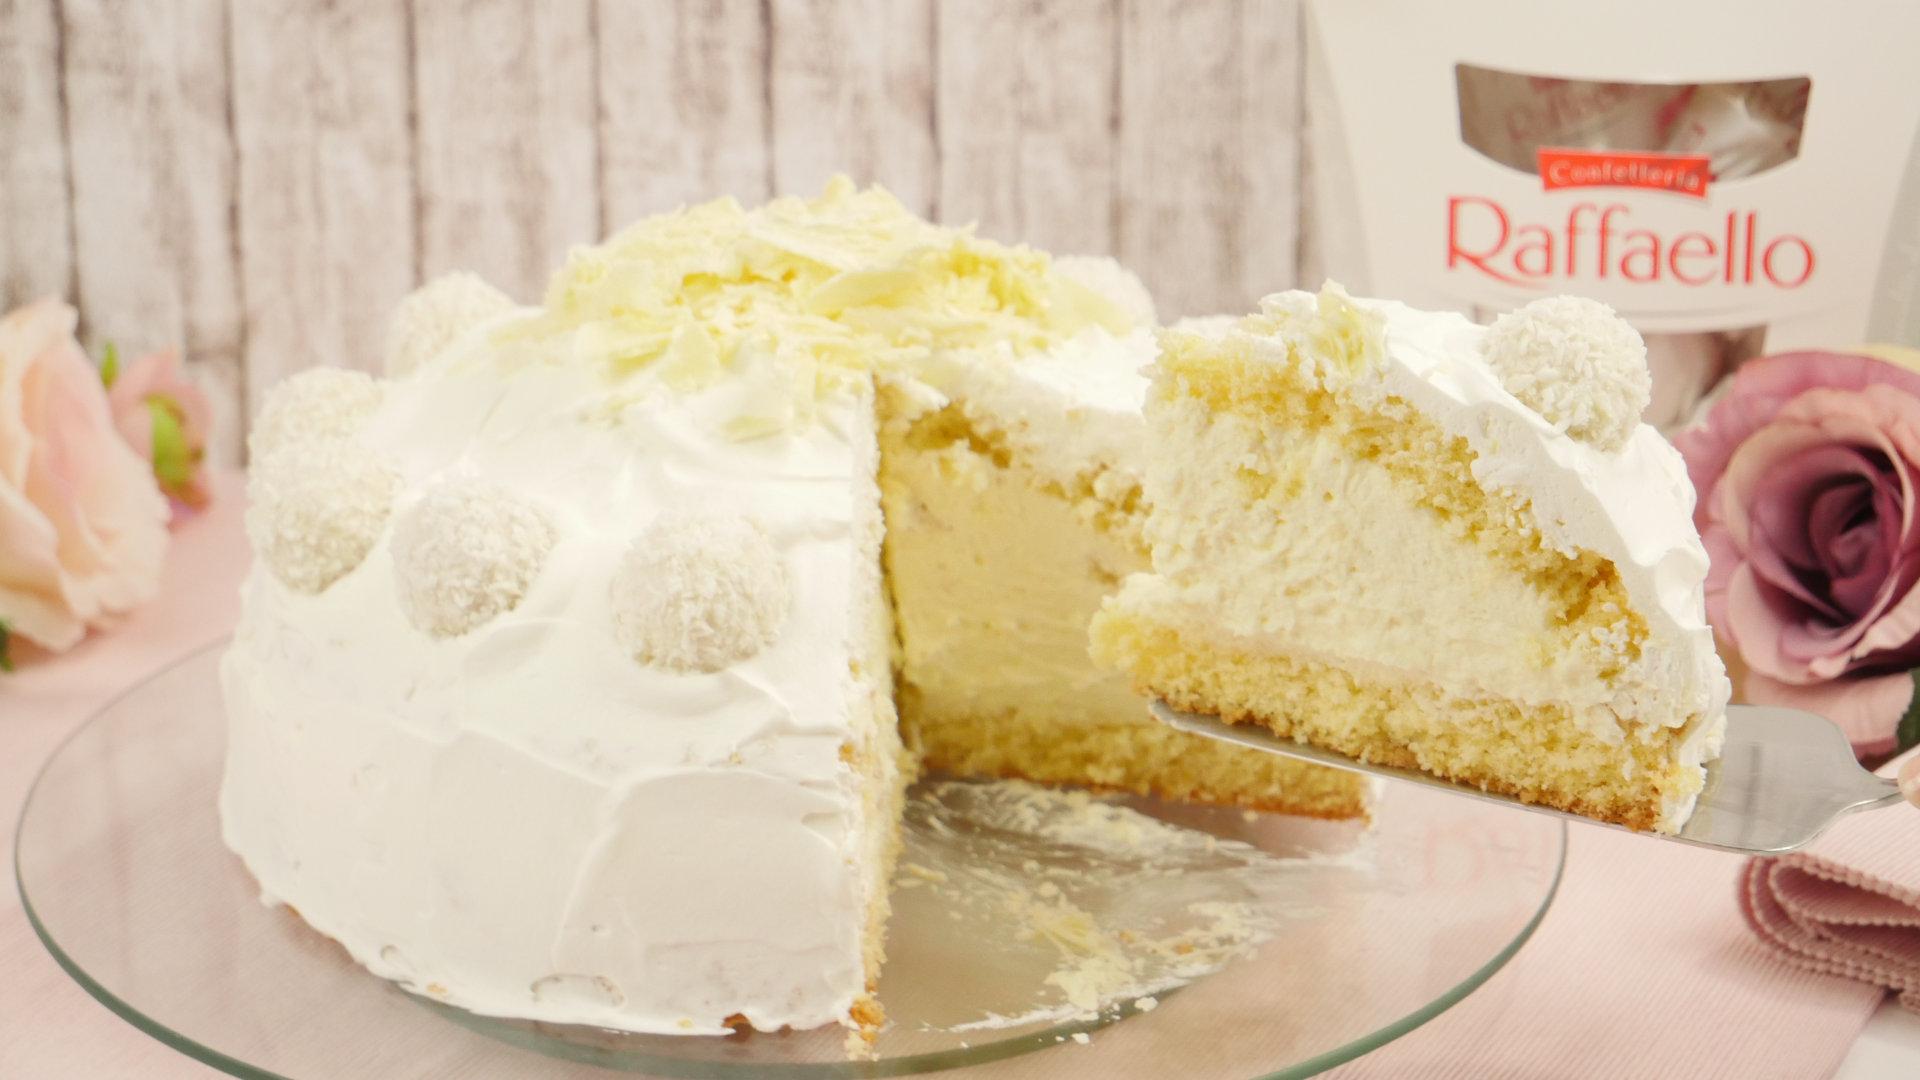 Raffaello torte rezept ohne sahne